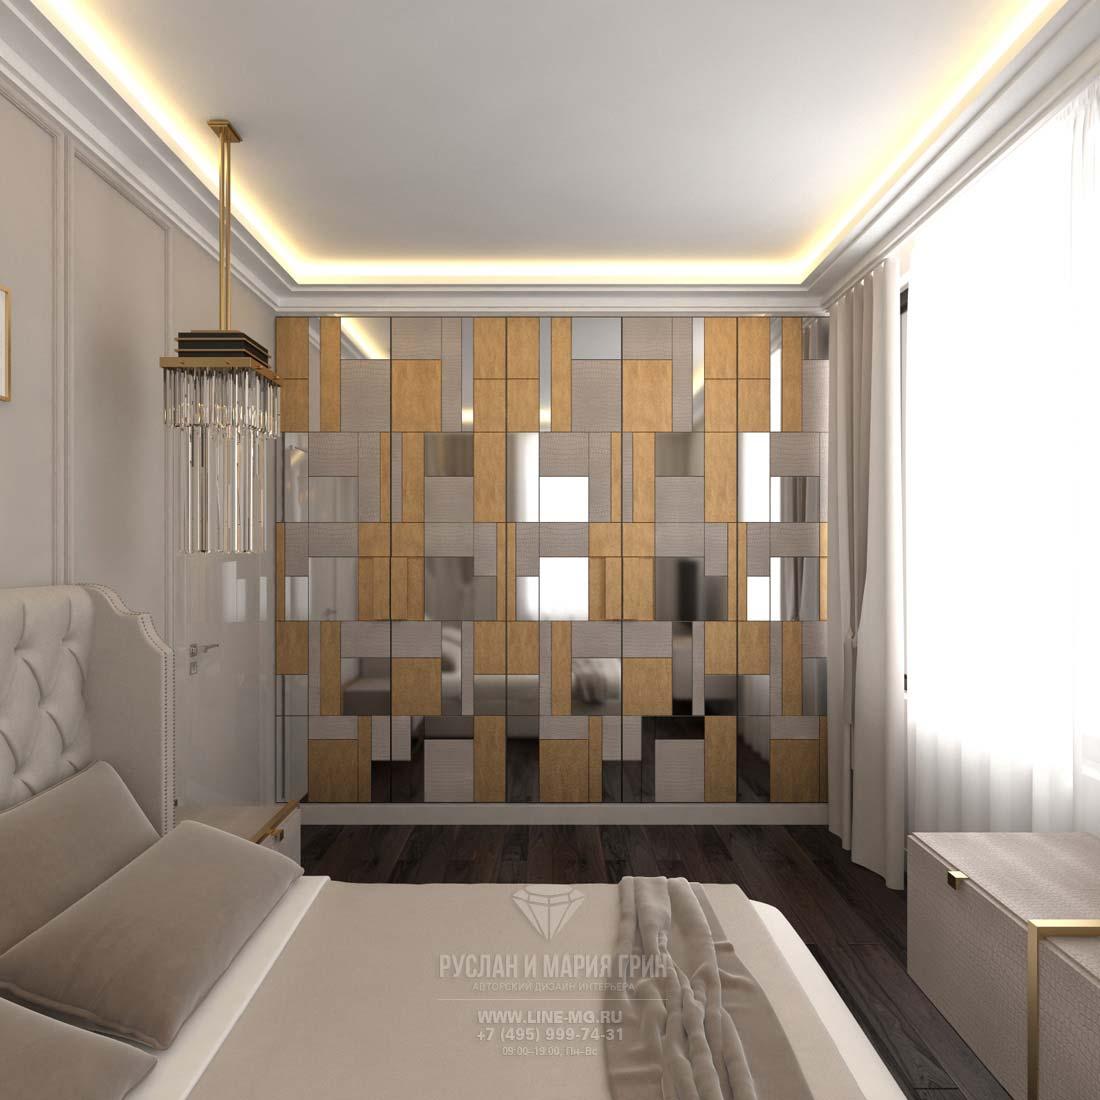 Дизайн спальни в загородном доме. Фото.